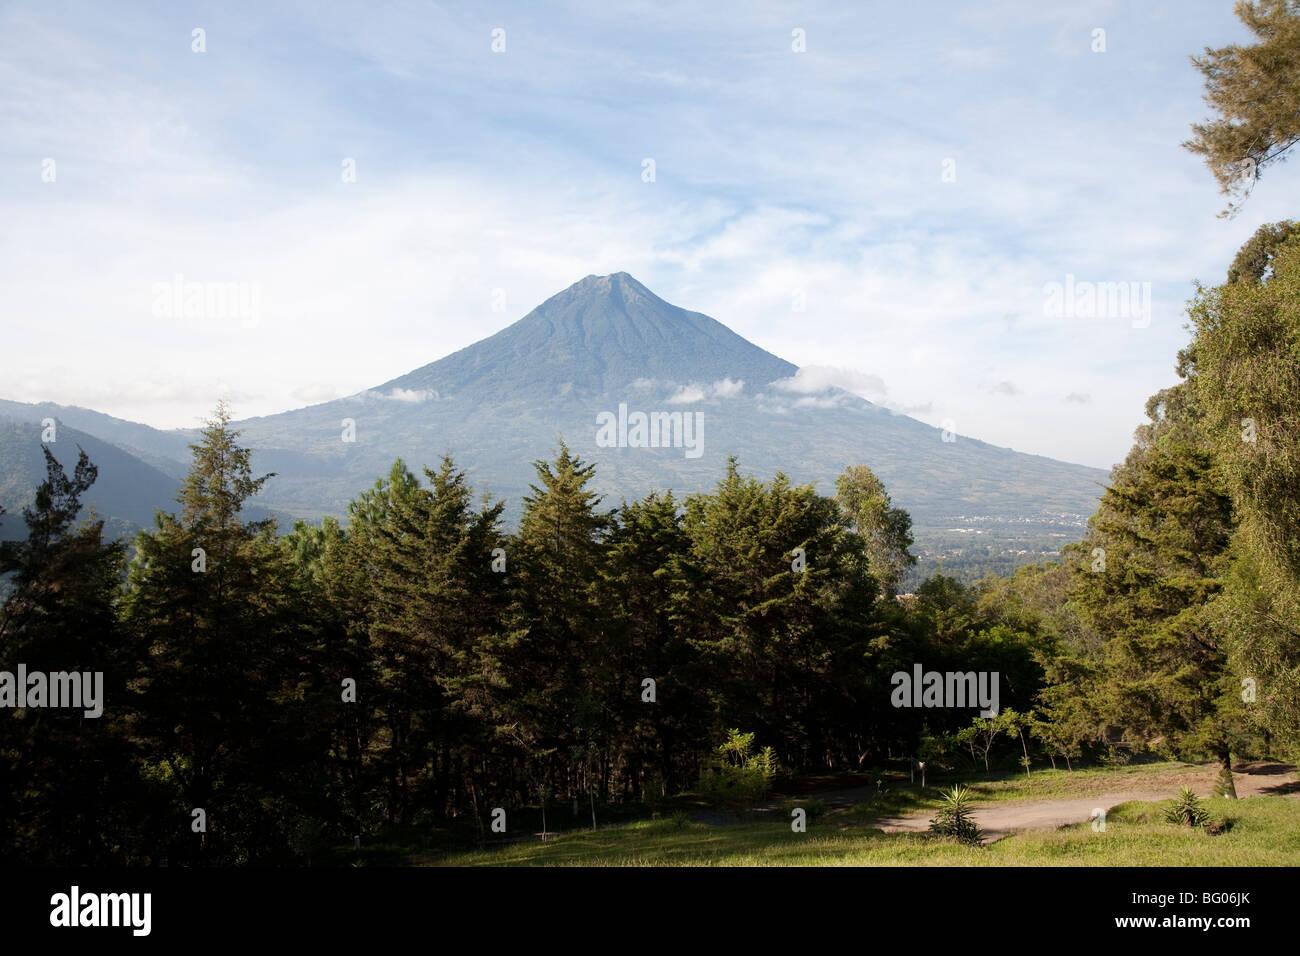 Volcan Agua seen from the cerro de la cruz viewpoint in Antigua Guatemala. - Stock Image